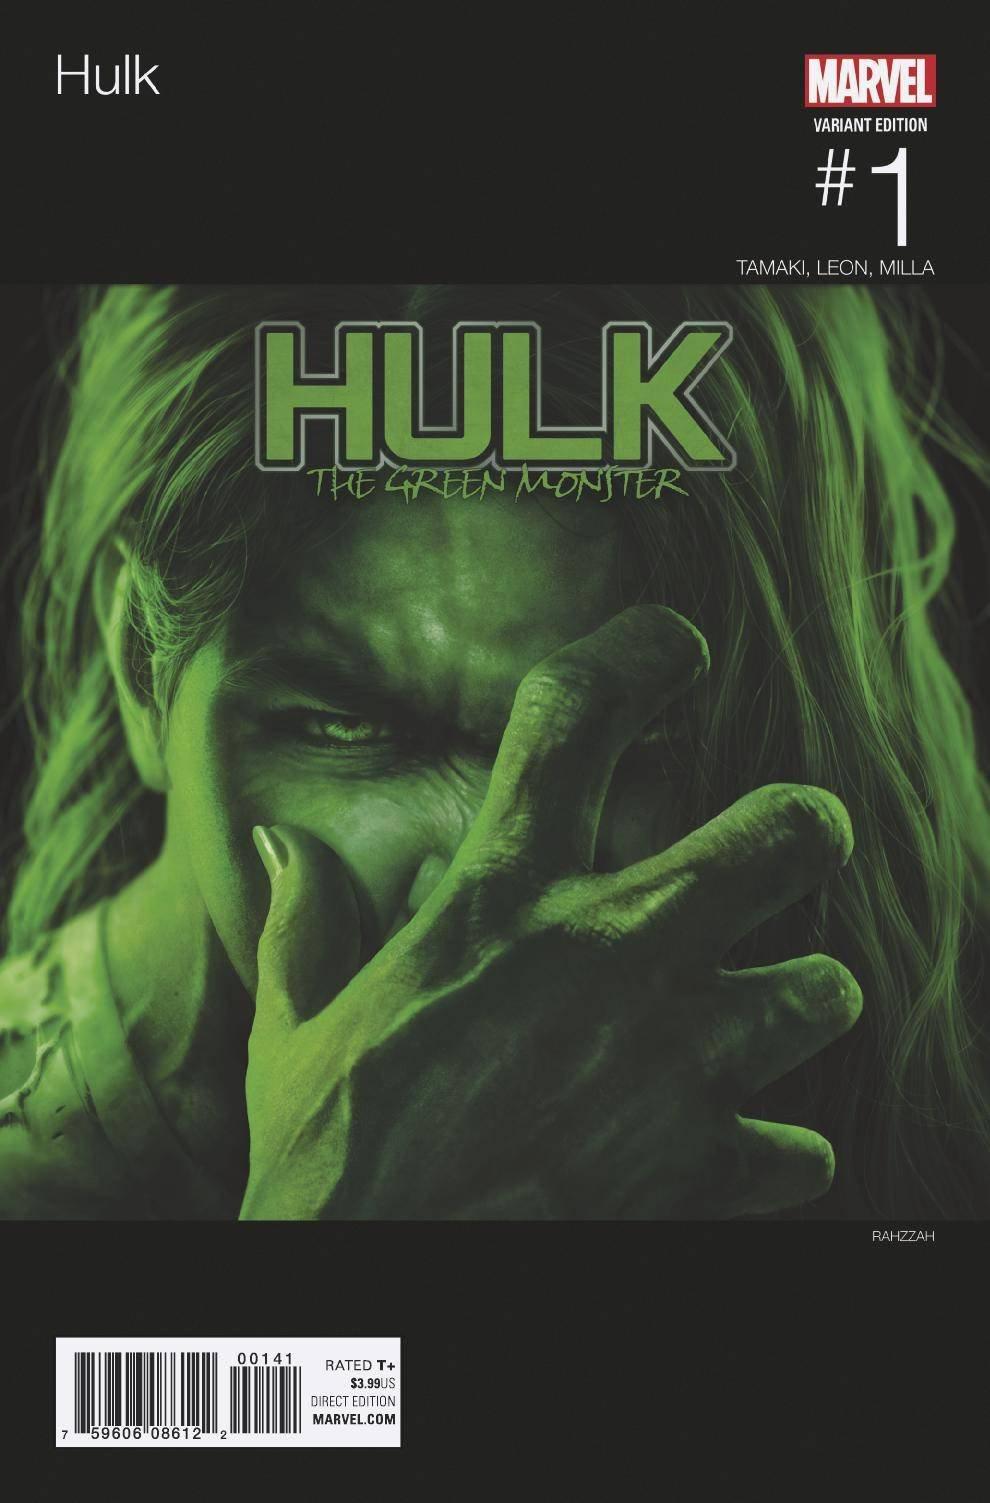 Hulk Rahzzah Hip Hop